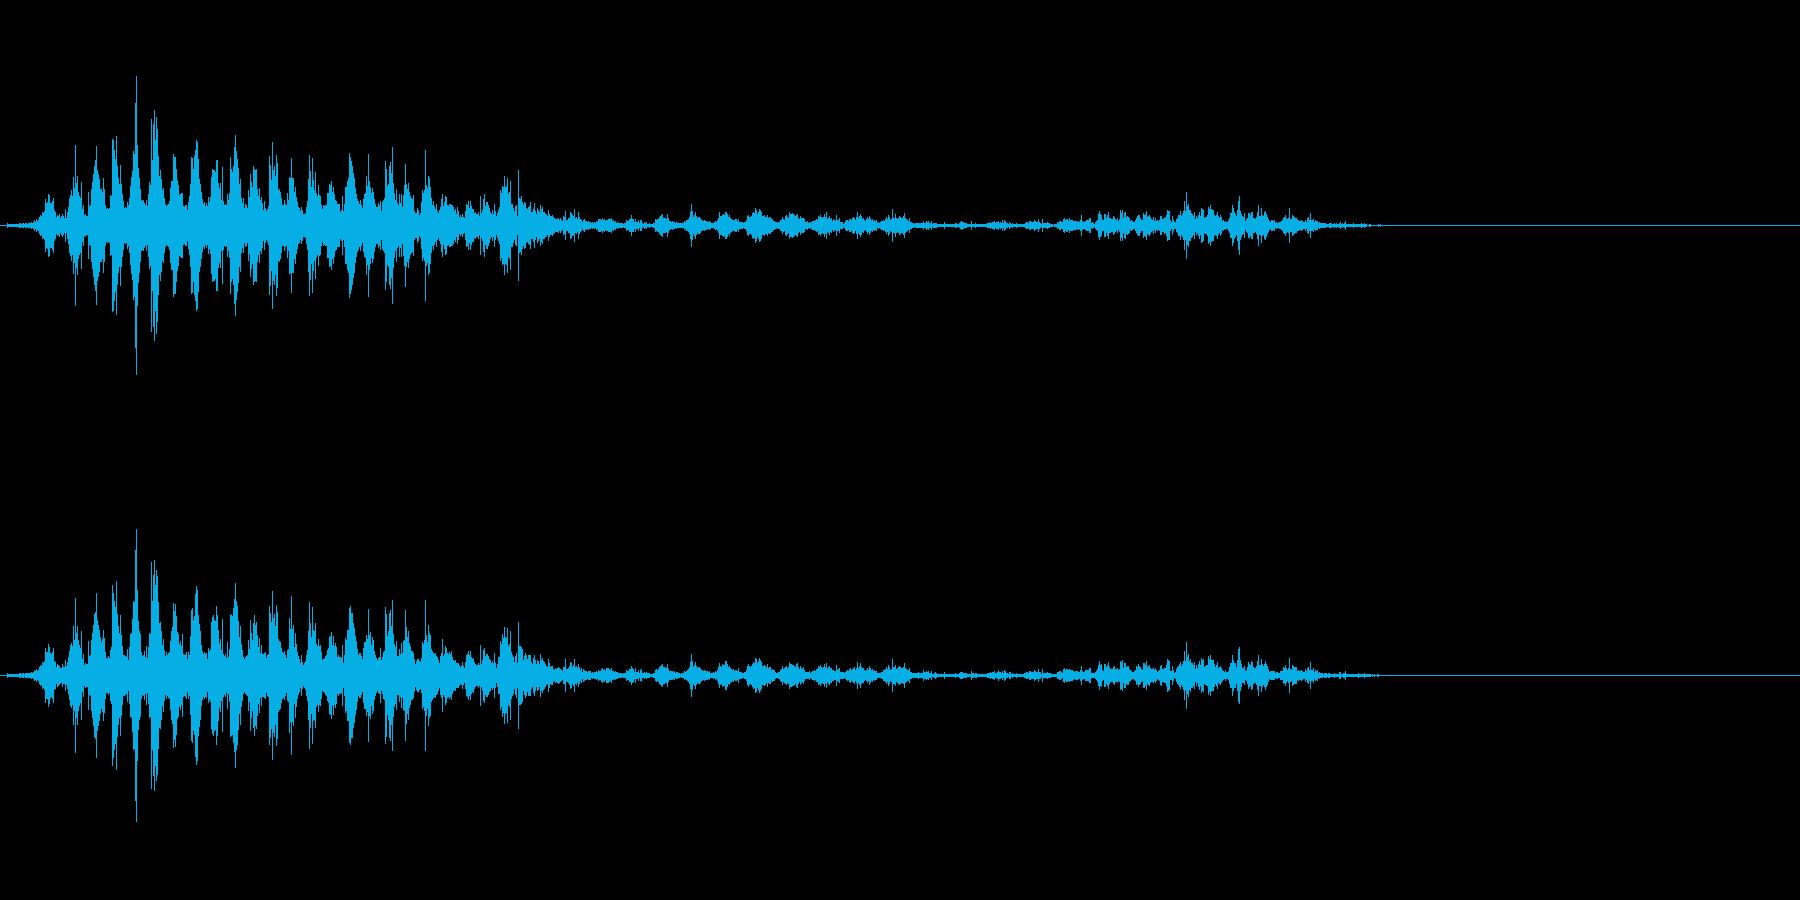 「シャシャシャ」木製シェイカー振り音FXの再生済みの波形